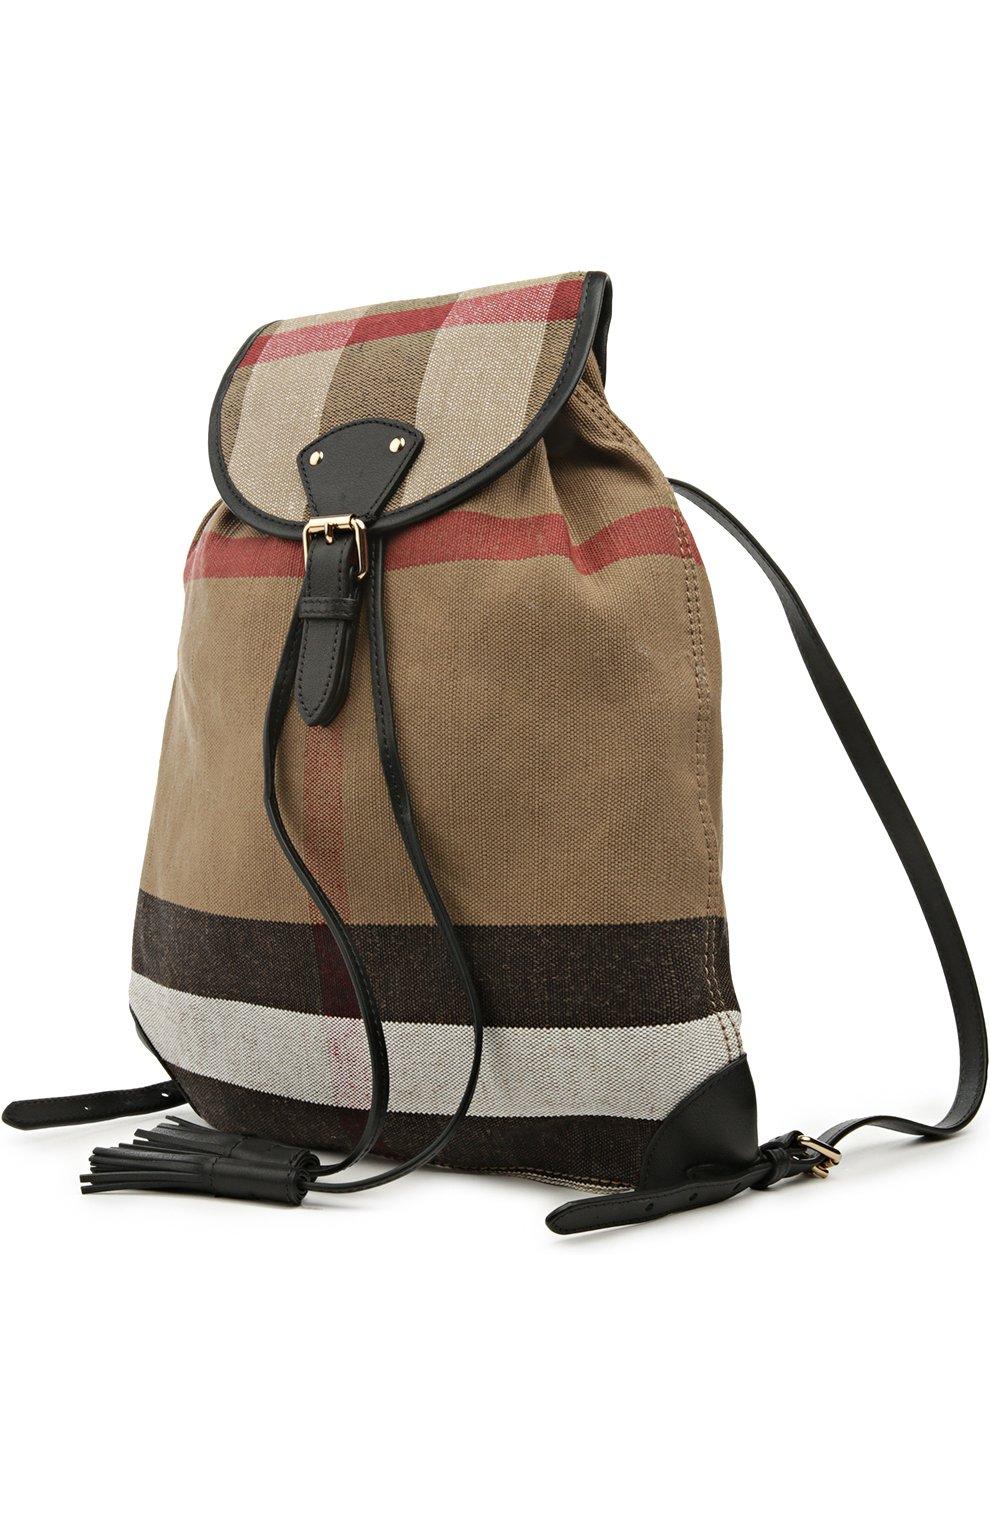 Рюкзак Chiltern из клетчатого текстиля с кожаной отделкой | Фото №3